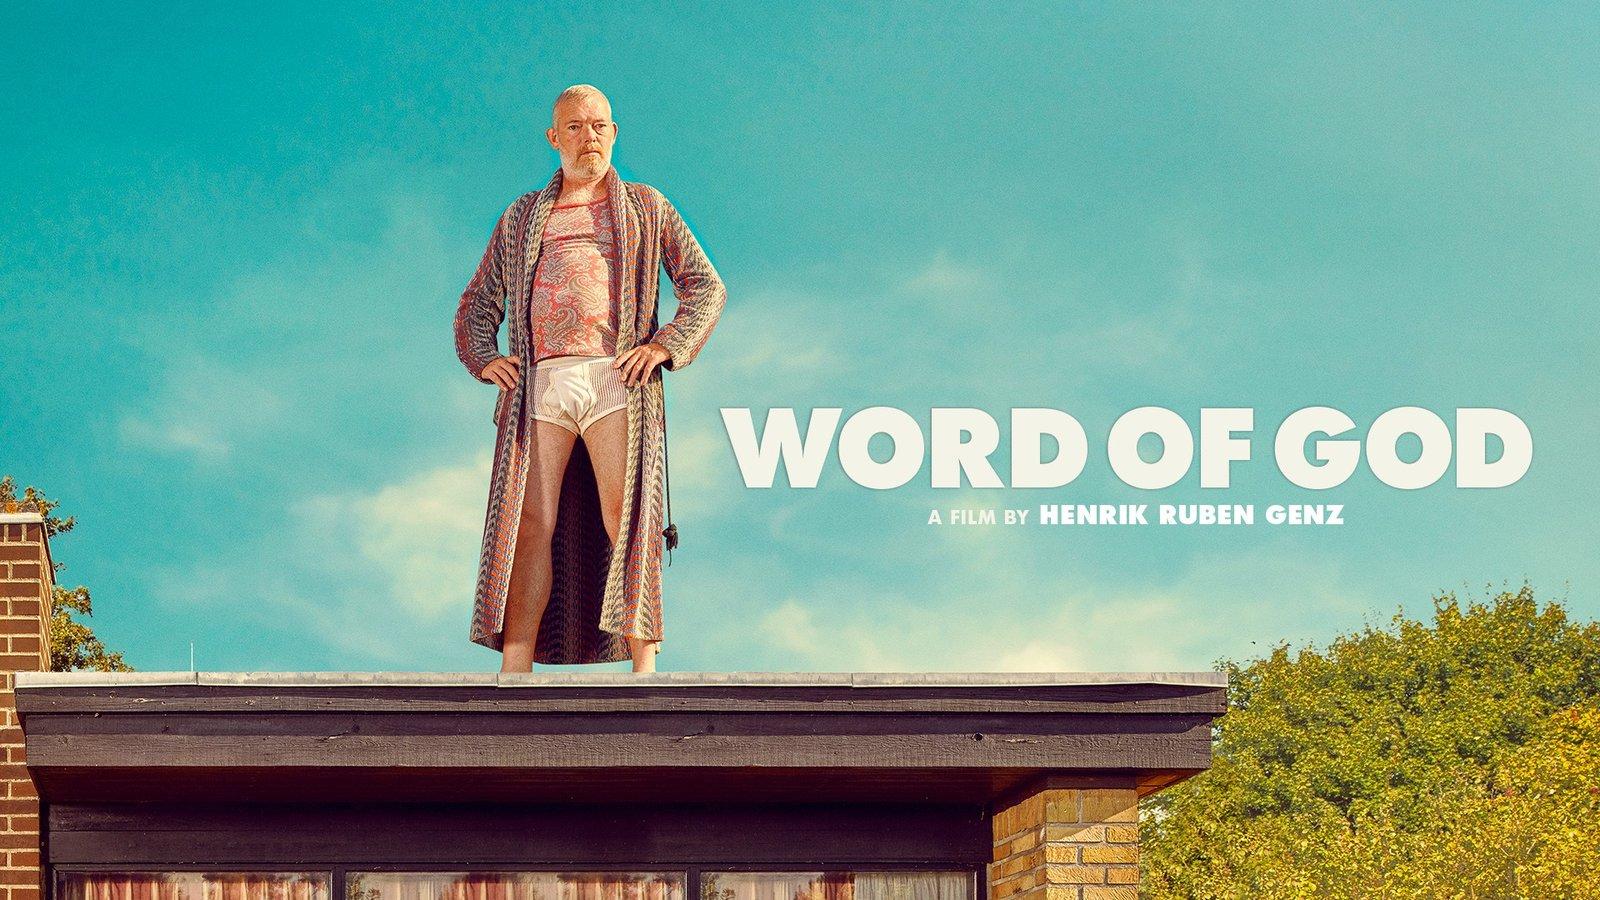 Word of God - Gud taler ud